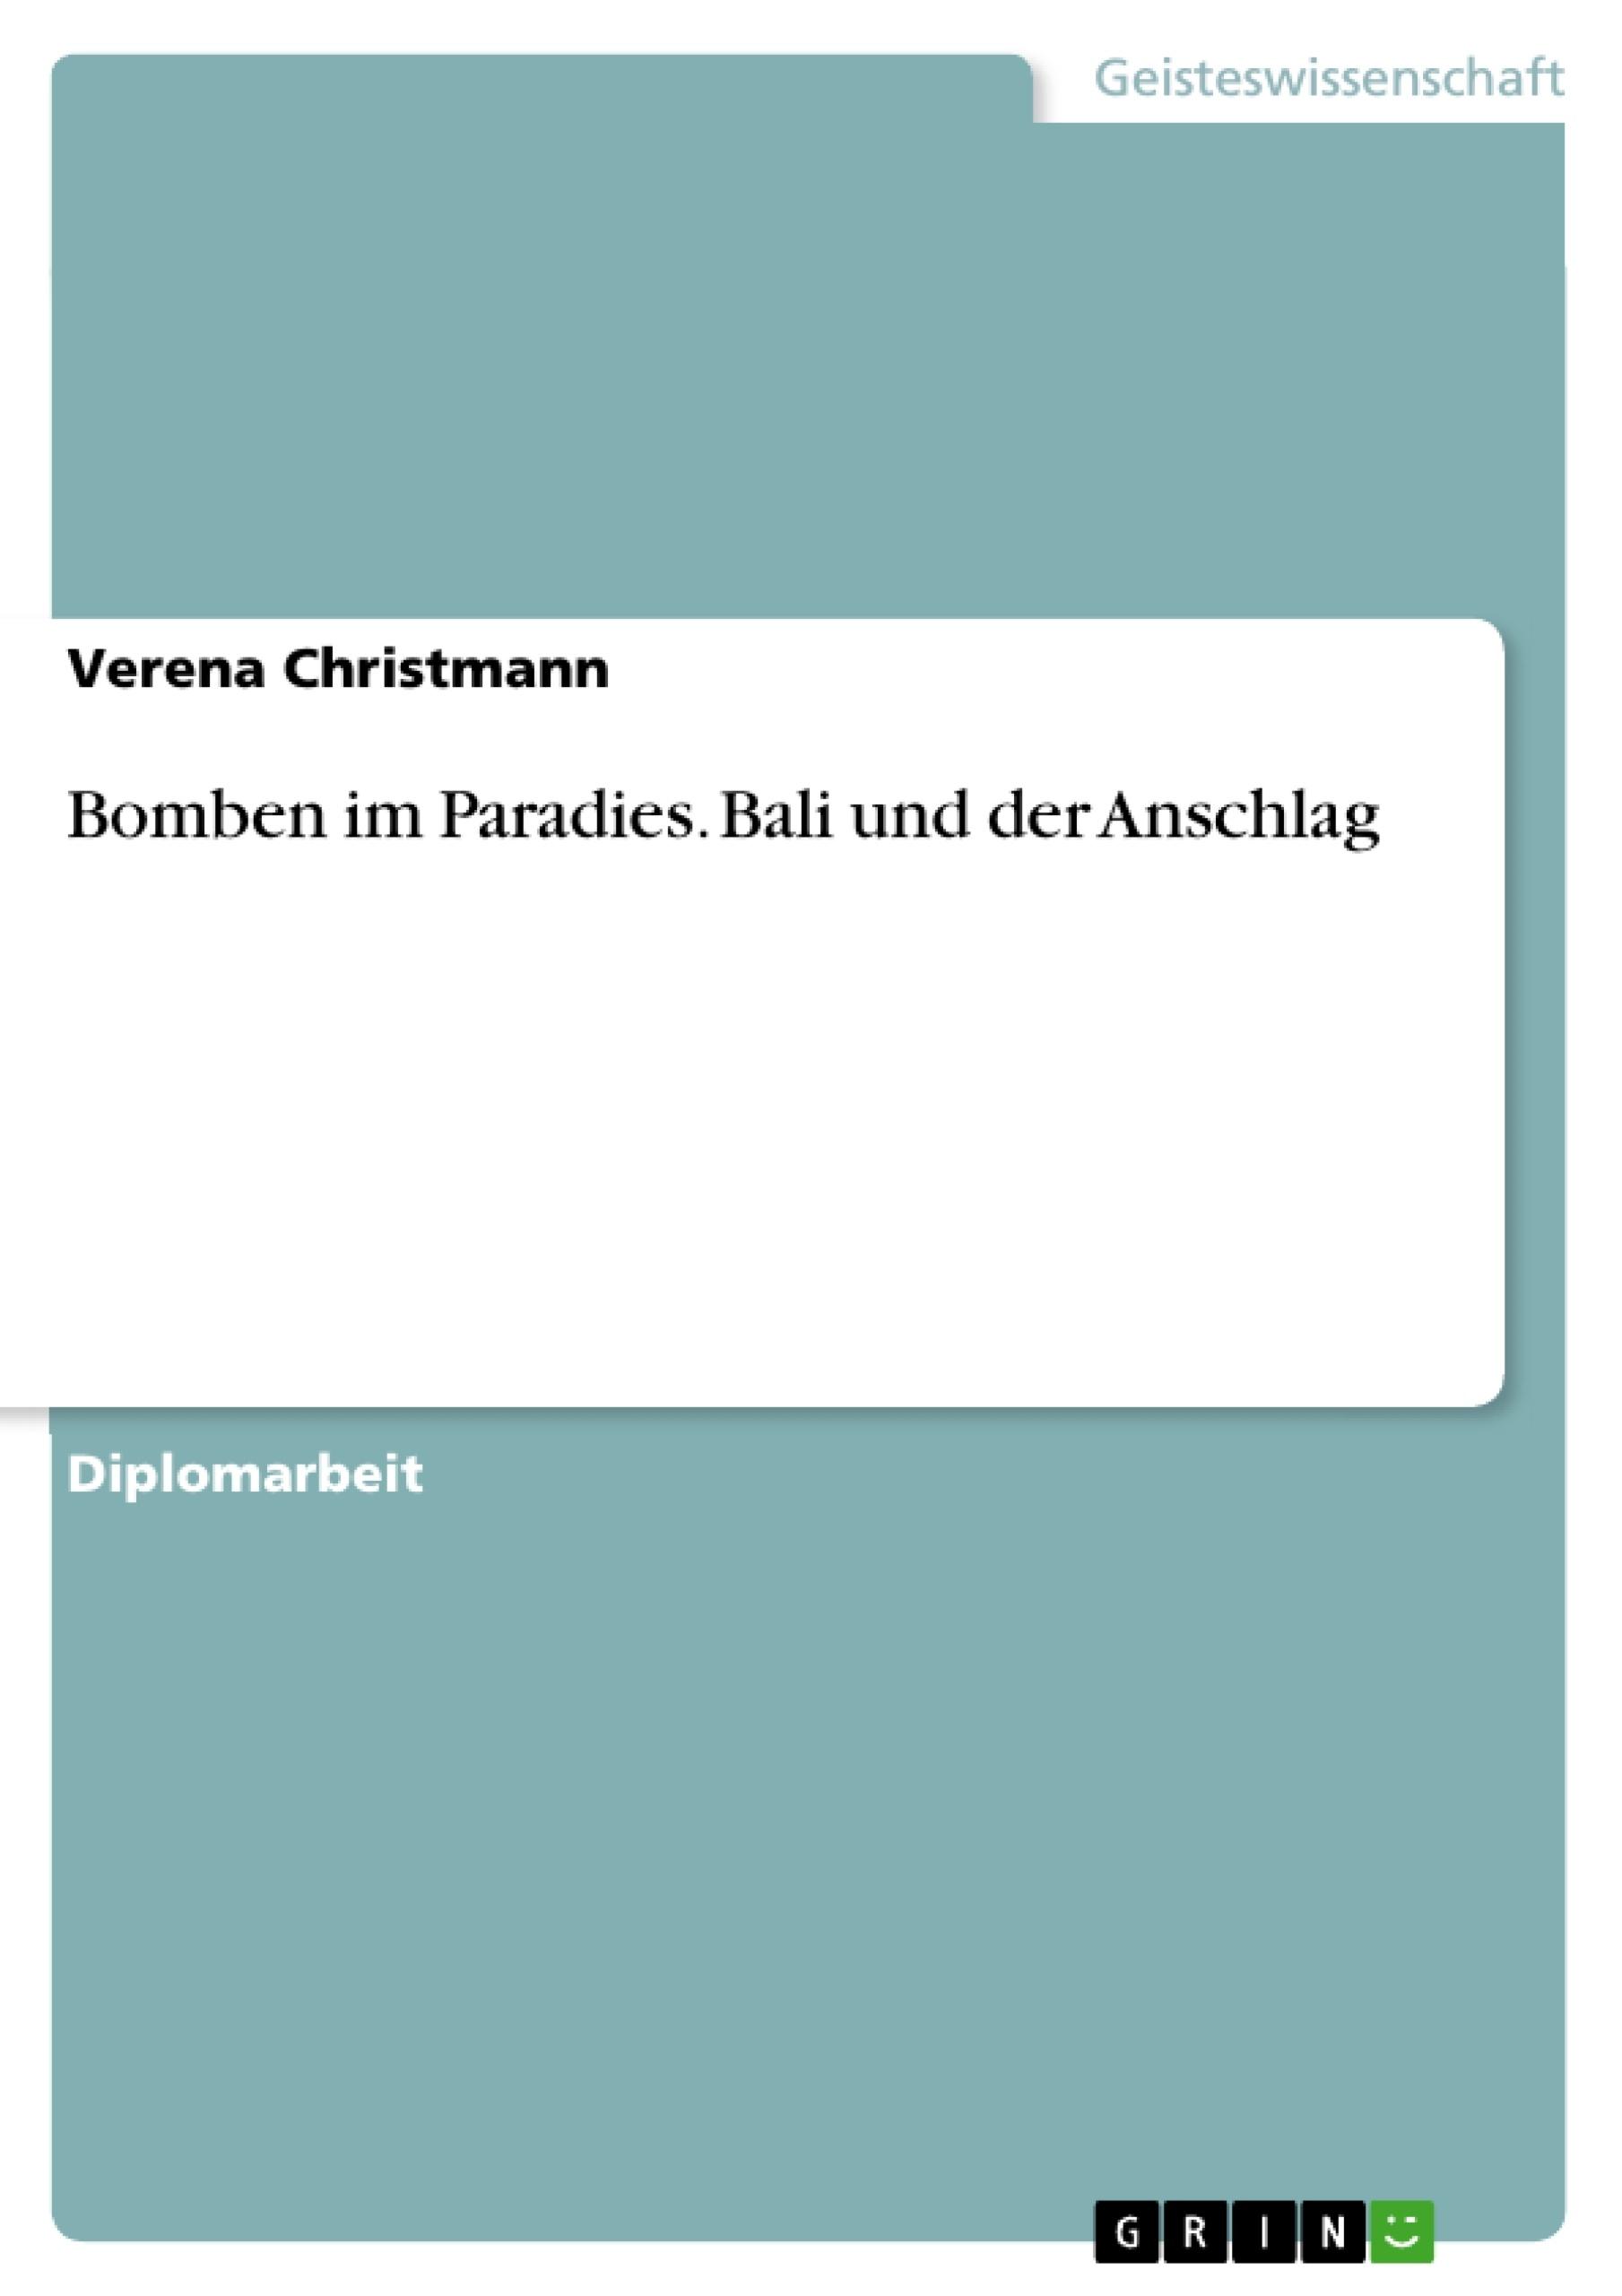 Titel: Bomben im Paradies. Bali und der Anschlag